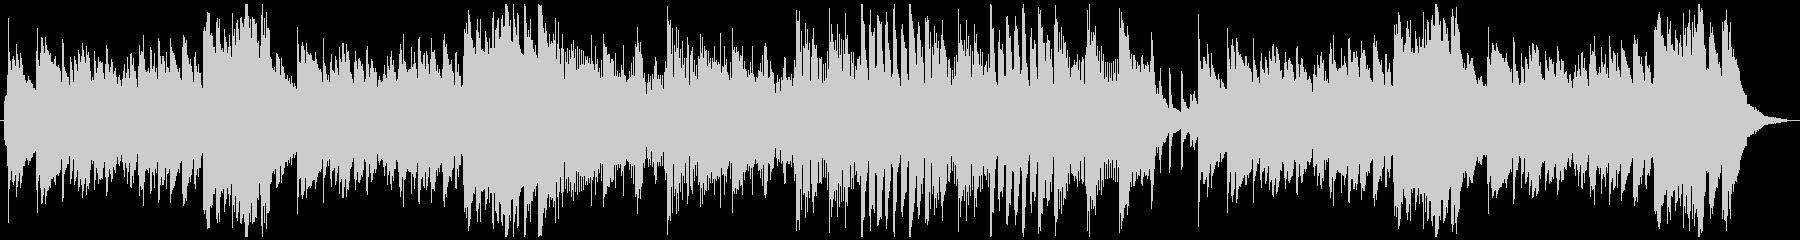 切ないピアノ曲の未再生の波形